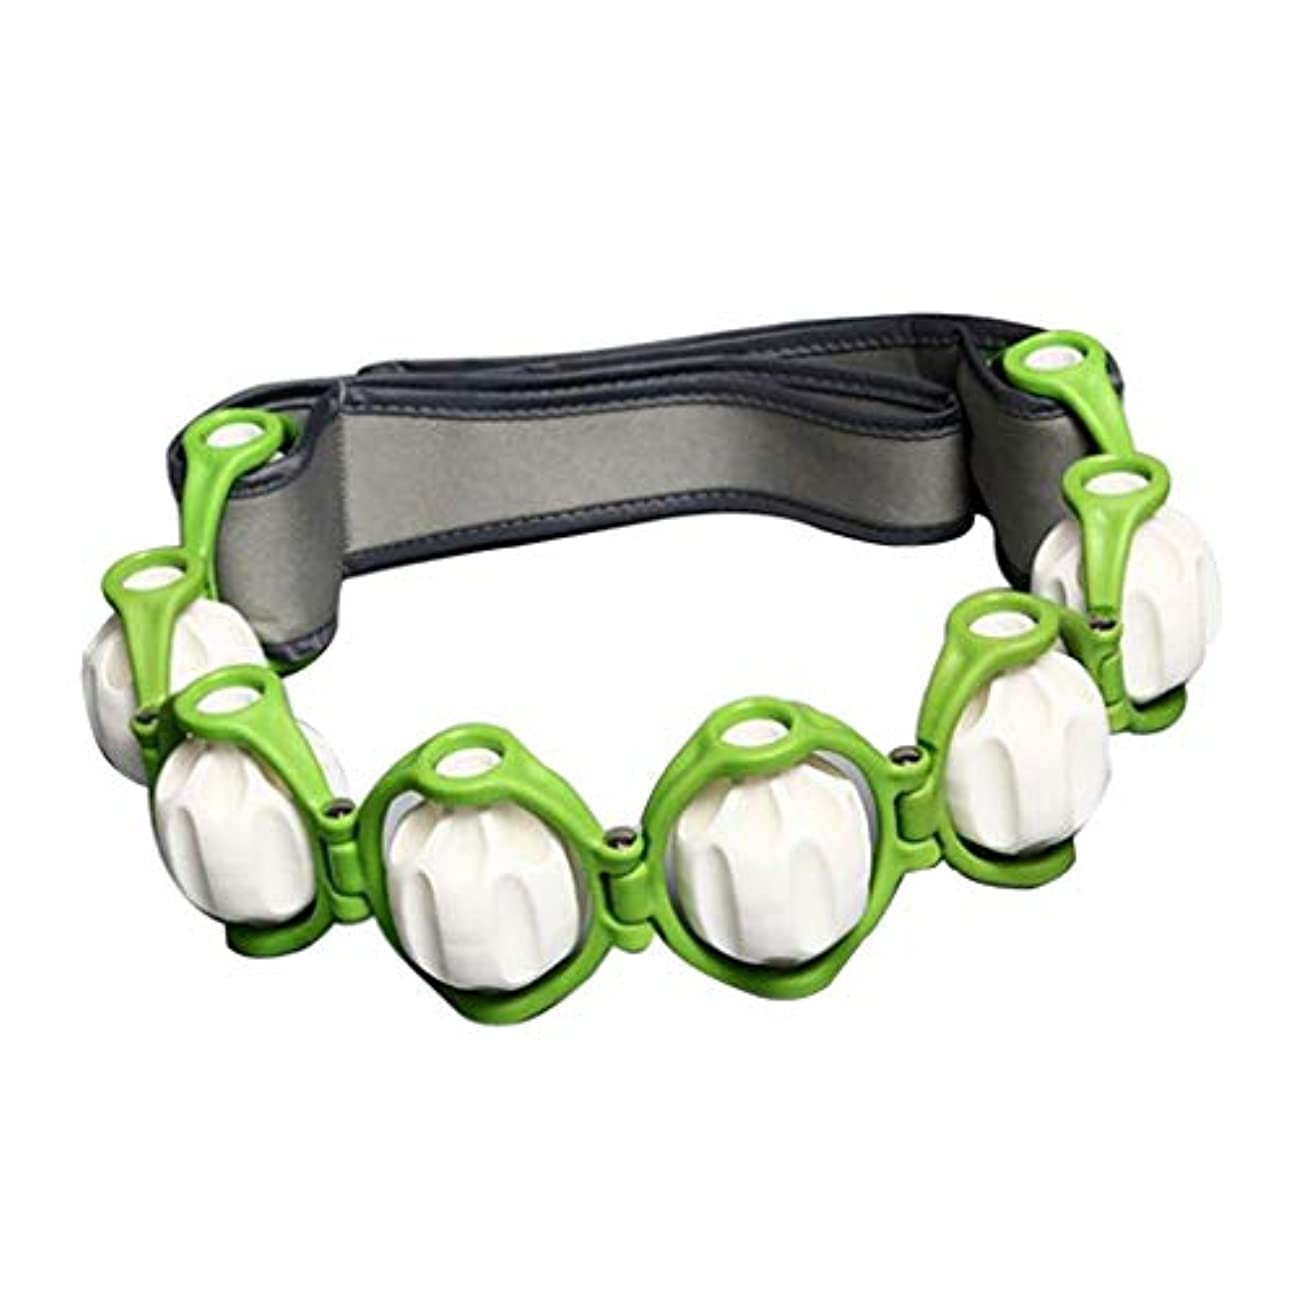 同化管理者沿ってFLAMEER ボディマッサージローラー ロープ付き 六つボール 4色選べ - 緑, 説明したように